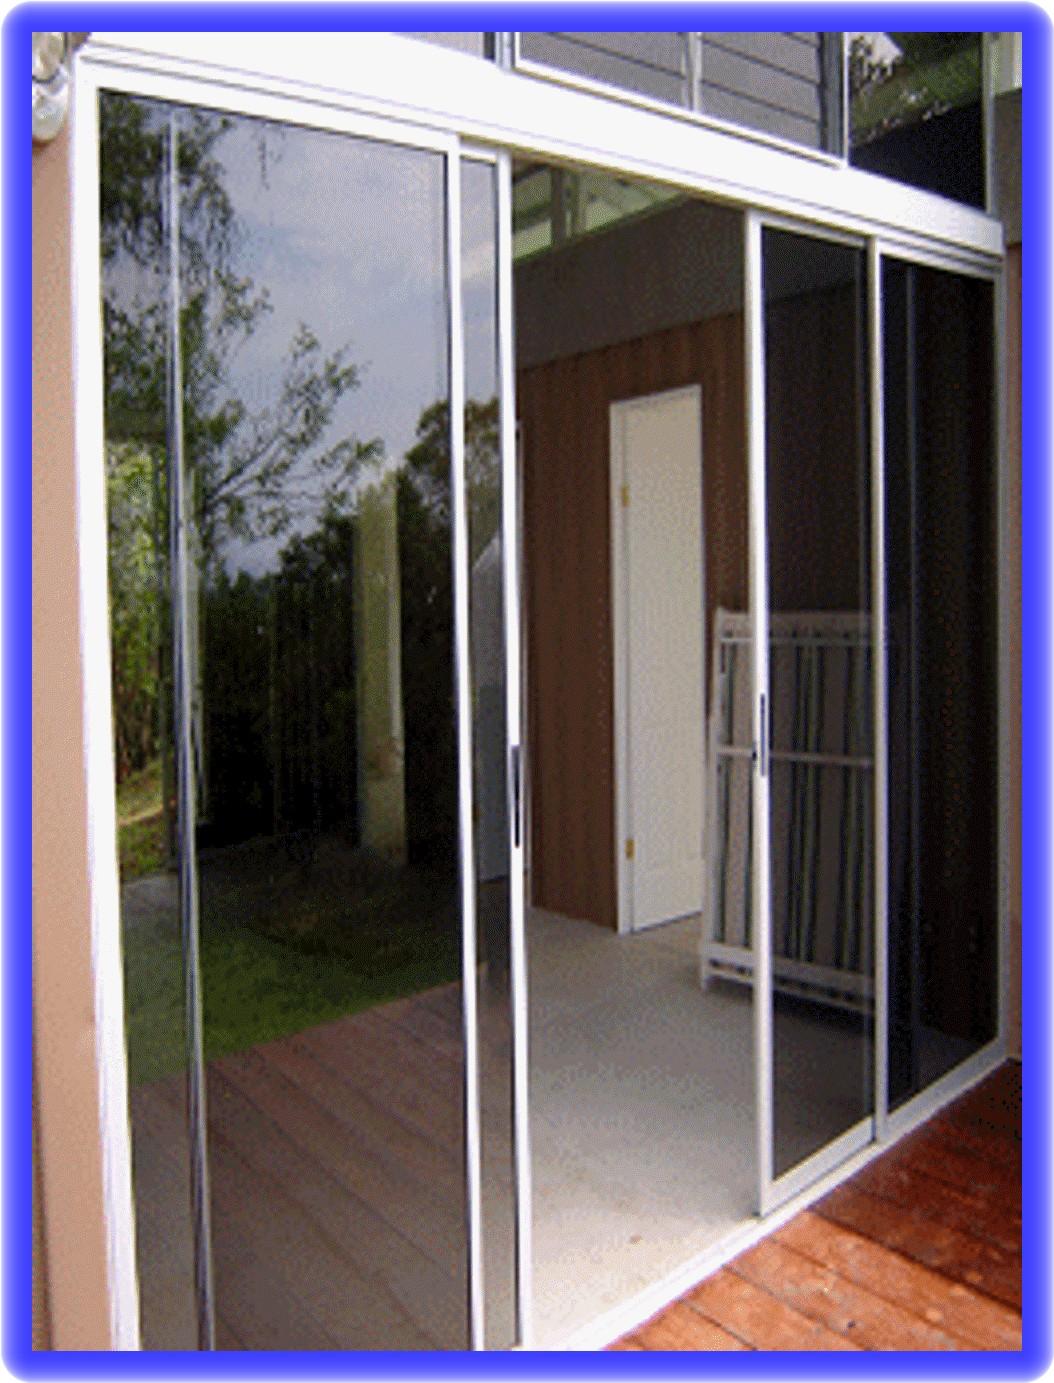 Plaza libre set 3 puertas corredizas de balcon en for Puerta balcon aluminio